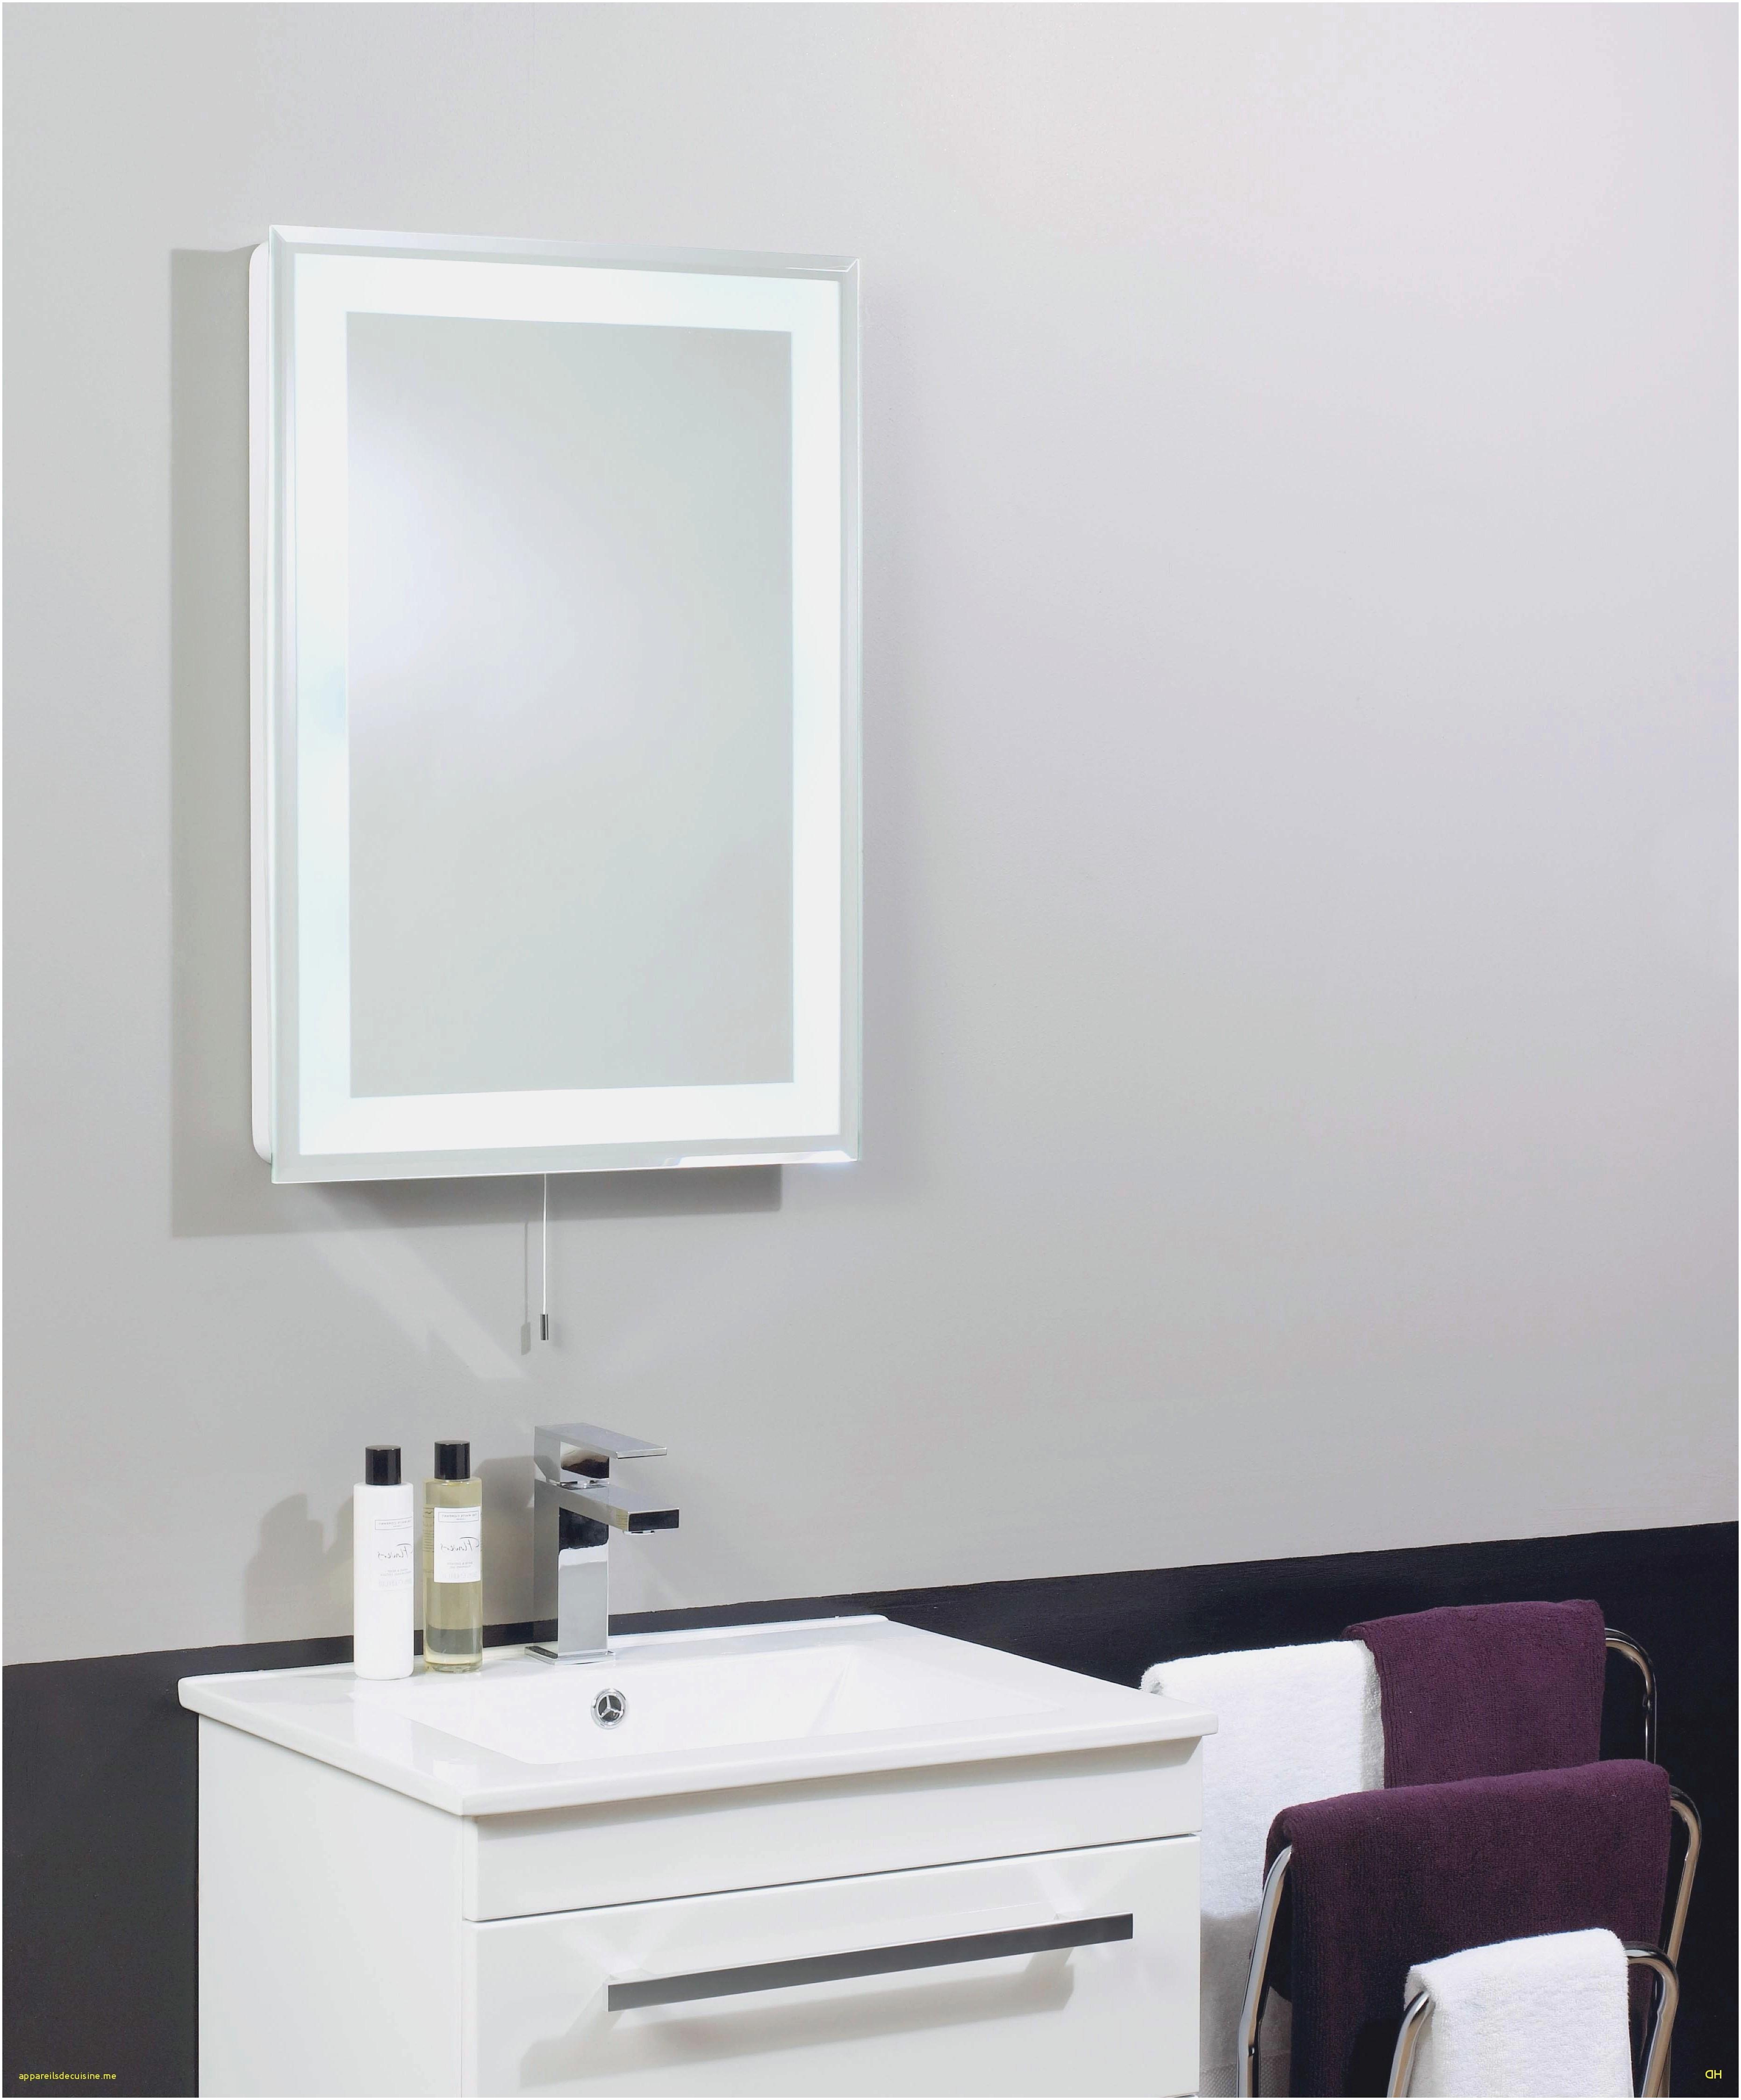 Meuble Rangement Salle De Bain Castorama Frais Photos 25meilleur De Armoire Sdb Miroir Intérieur De La Maison